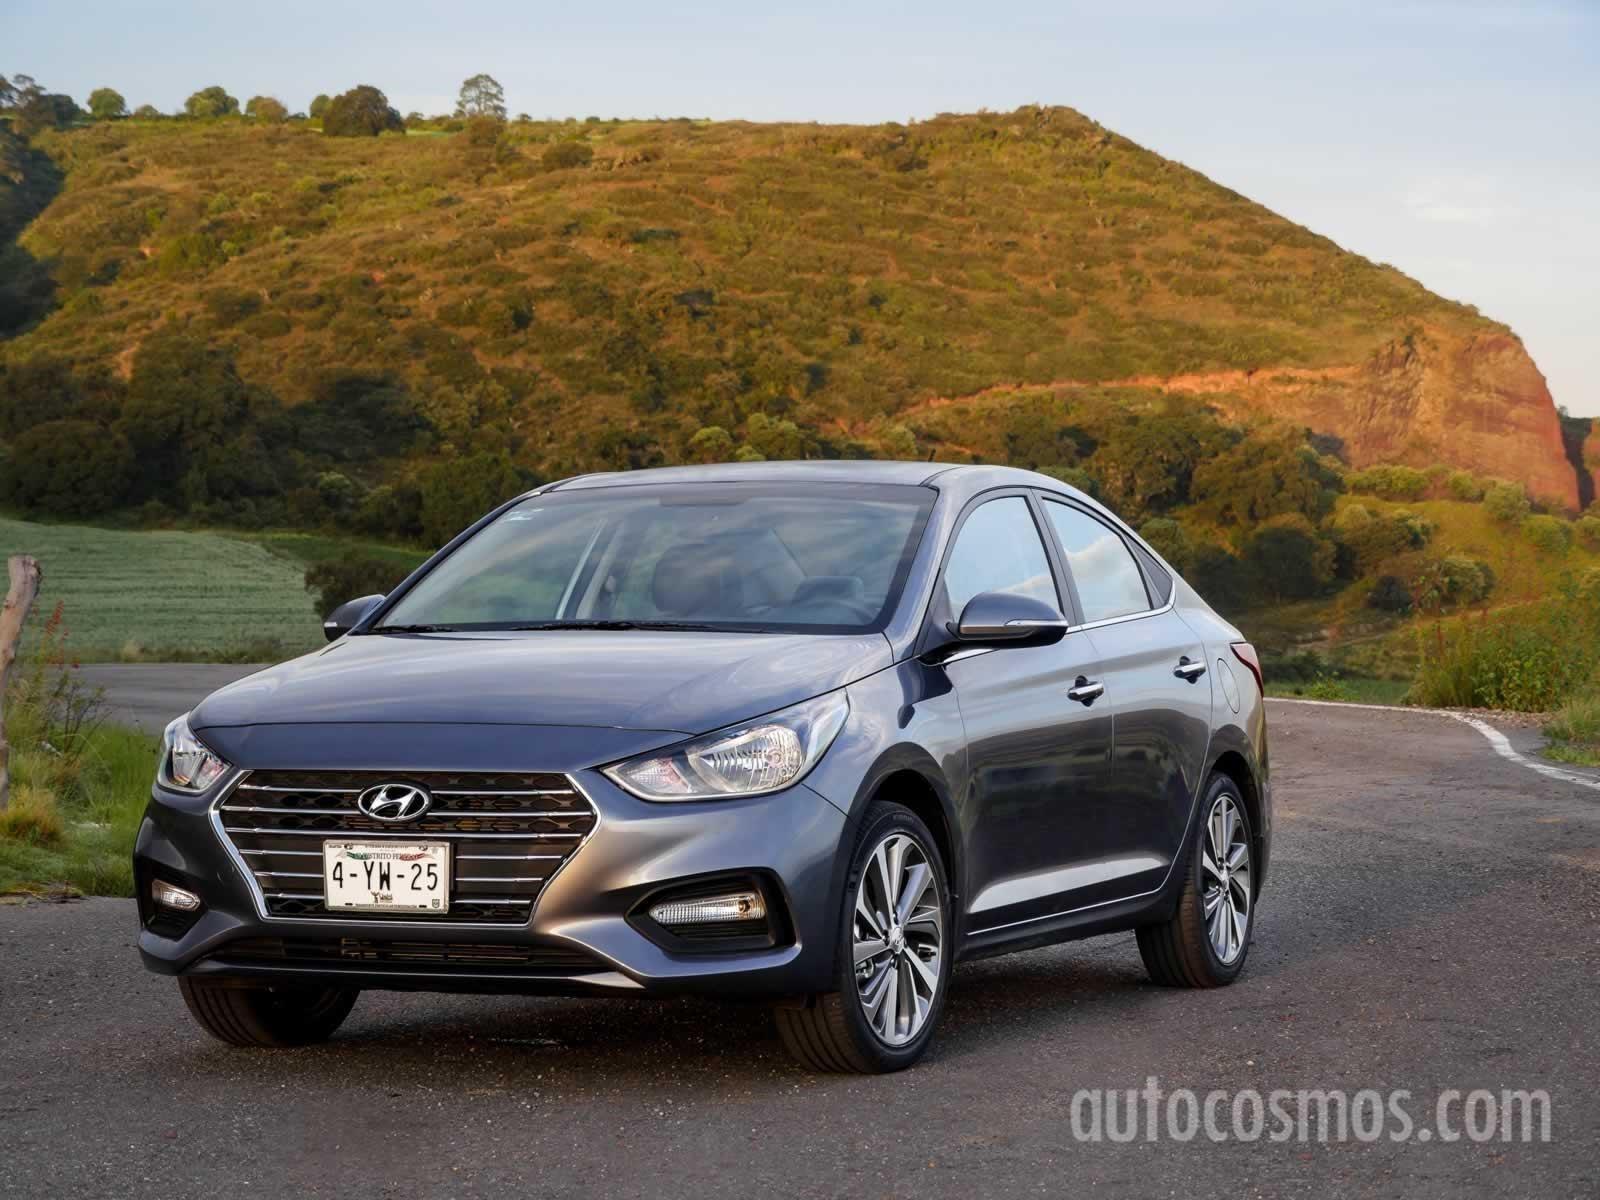 Hyundai Accent 2018 A Prueba Autocosmos Com